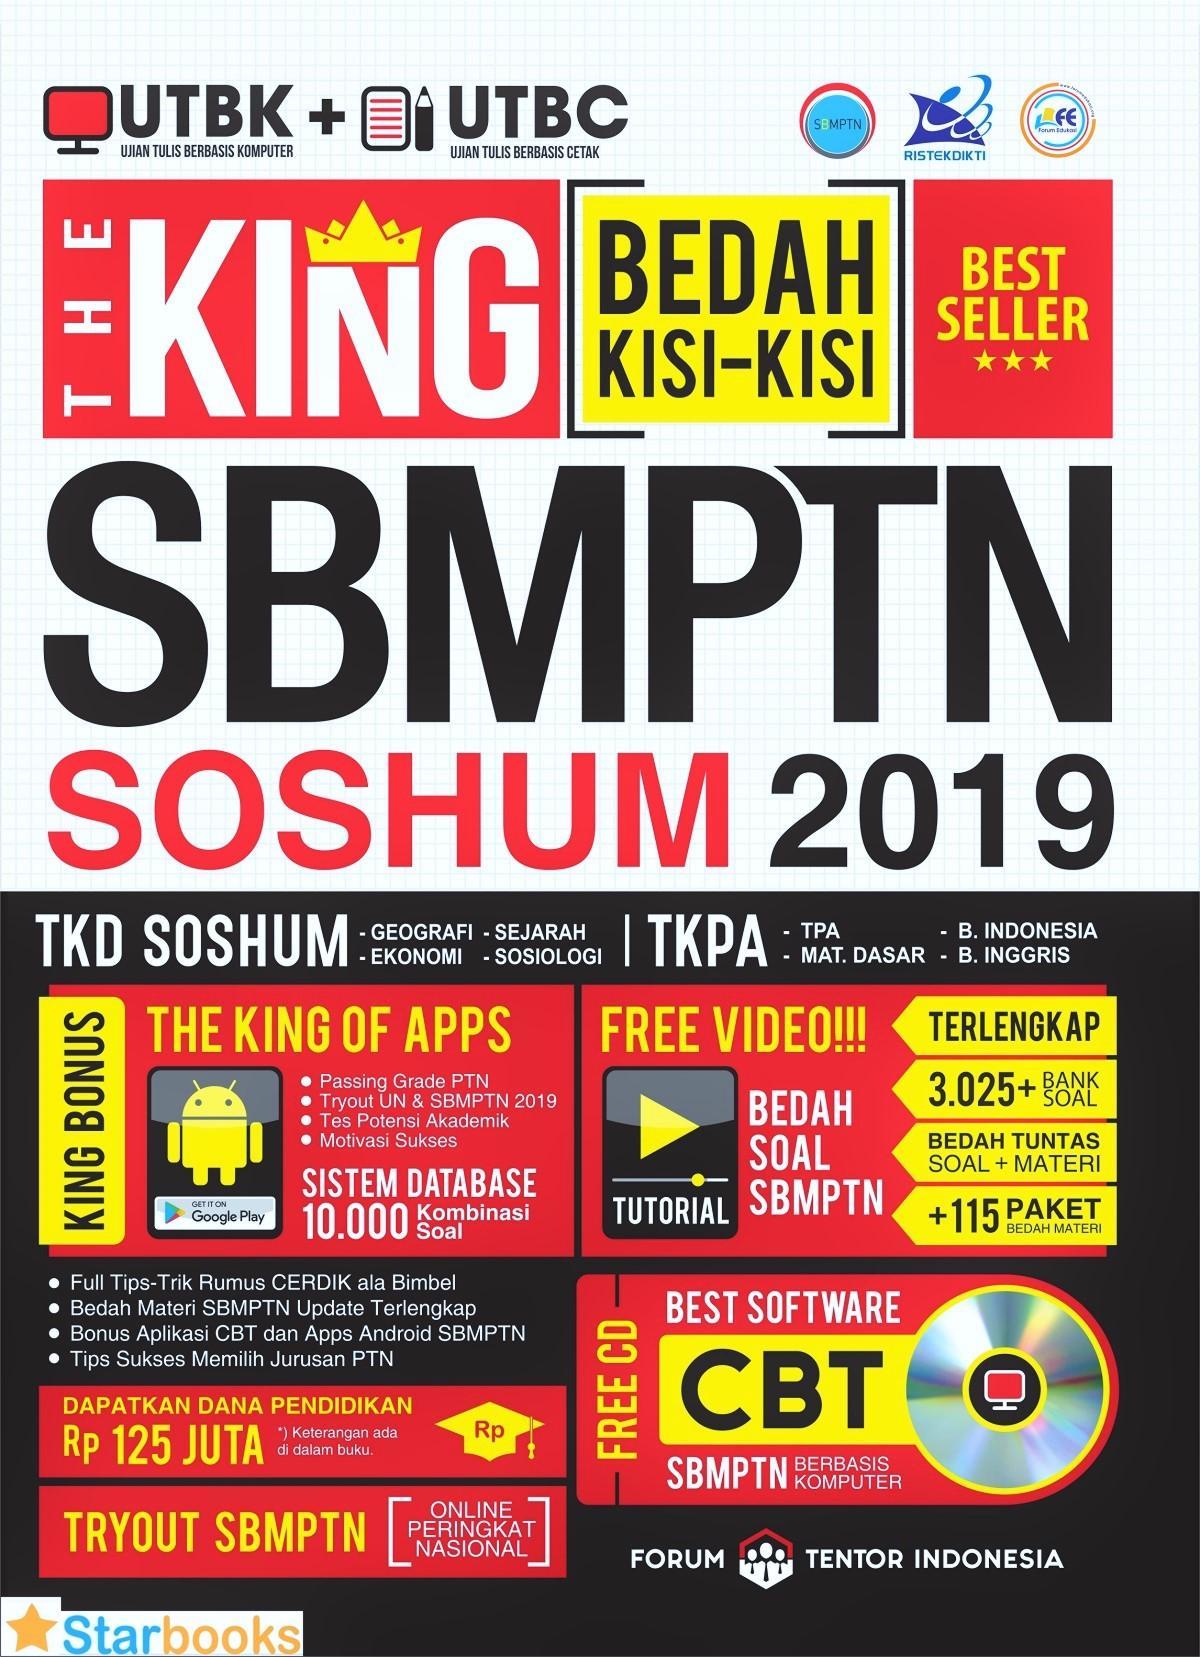 Harga Zenius Set Cd Stn Ipa Terpadu Bulan Ini Yang Terbaru Di Xpedia 20 Kelas 8 Smp Ktsp The King Bedah Kisi2 Soshum 2019